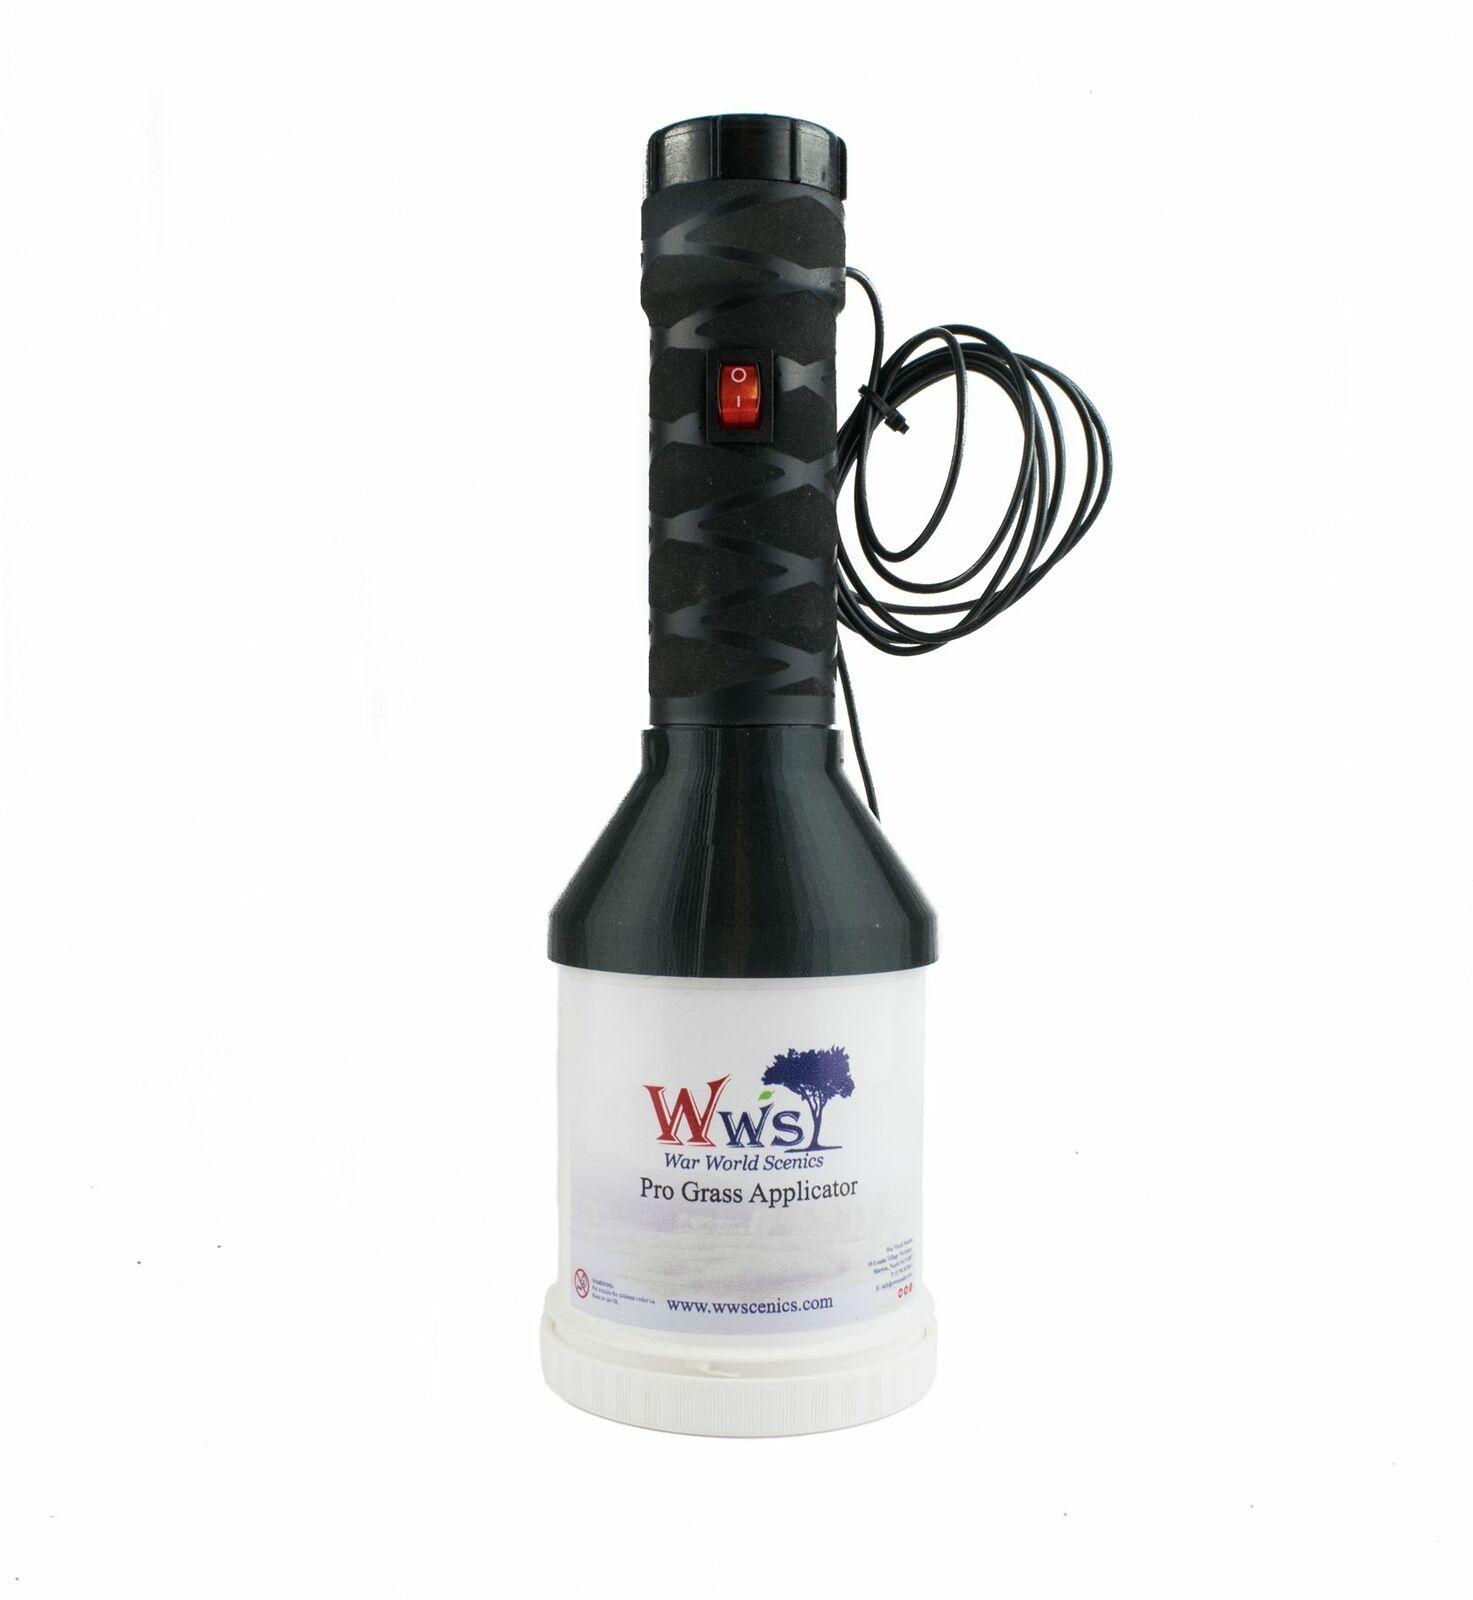 WWS Aplicador Pro Grass Grand de hierba estática – Modelismo Ferroviario